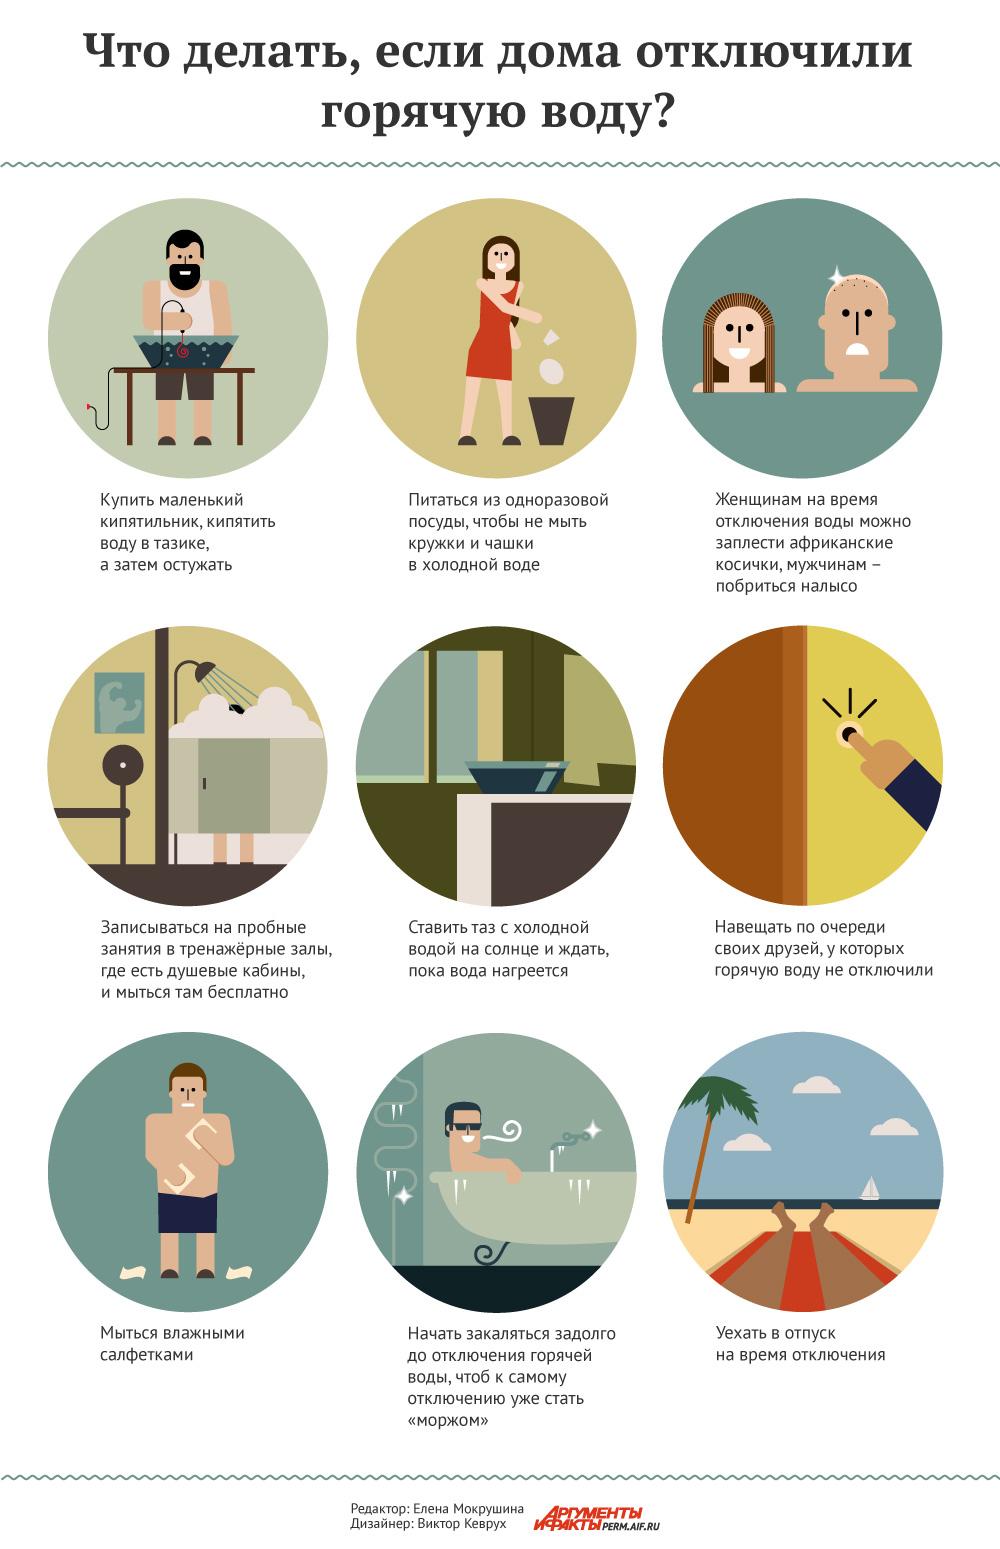 """Инфографик """"Что делать, если дома отключили горячую воду?"""""""